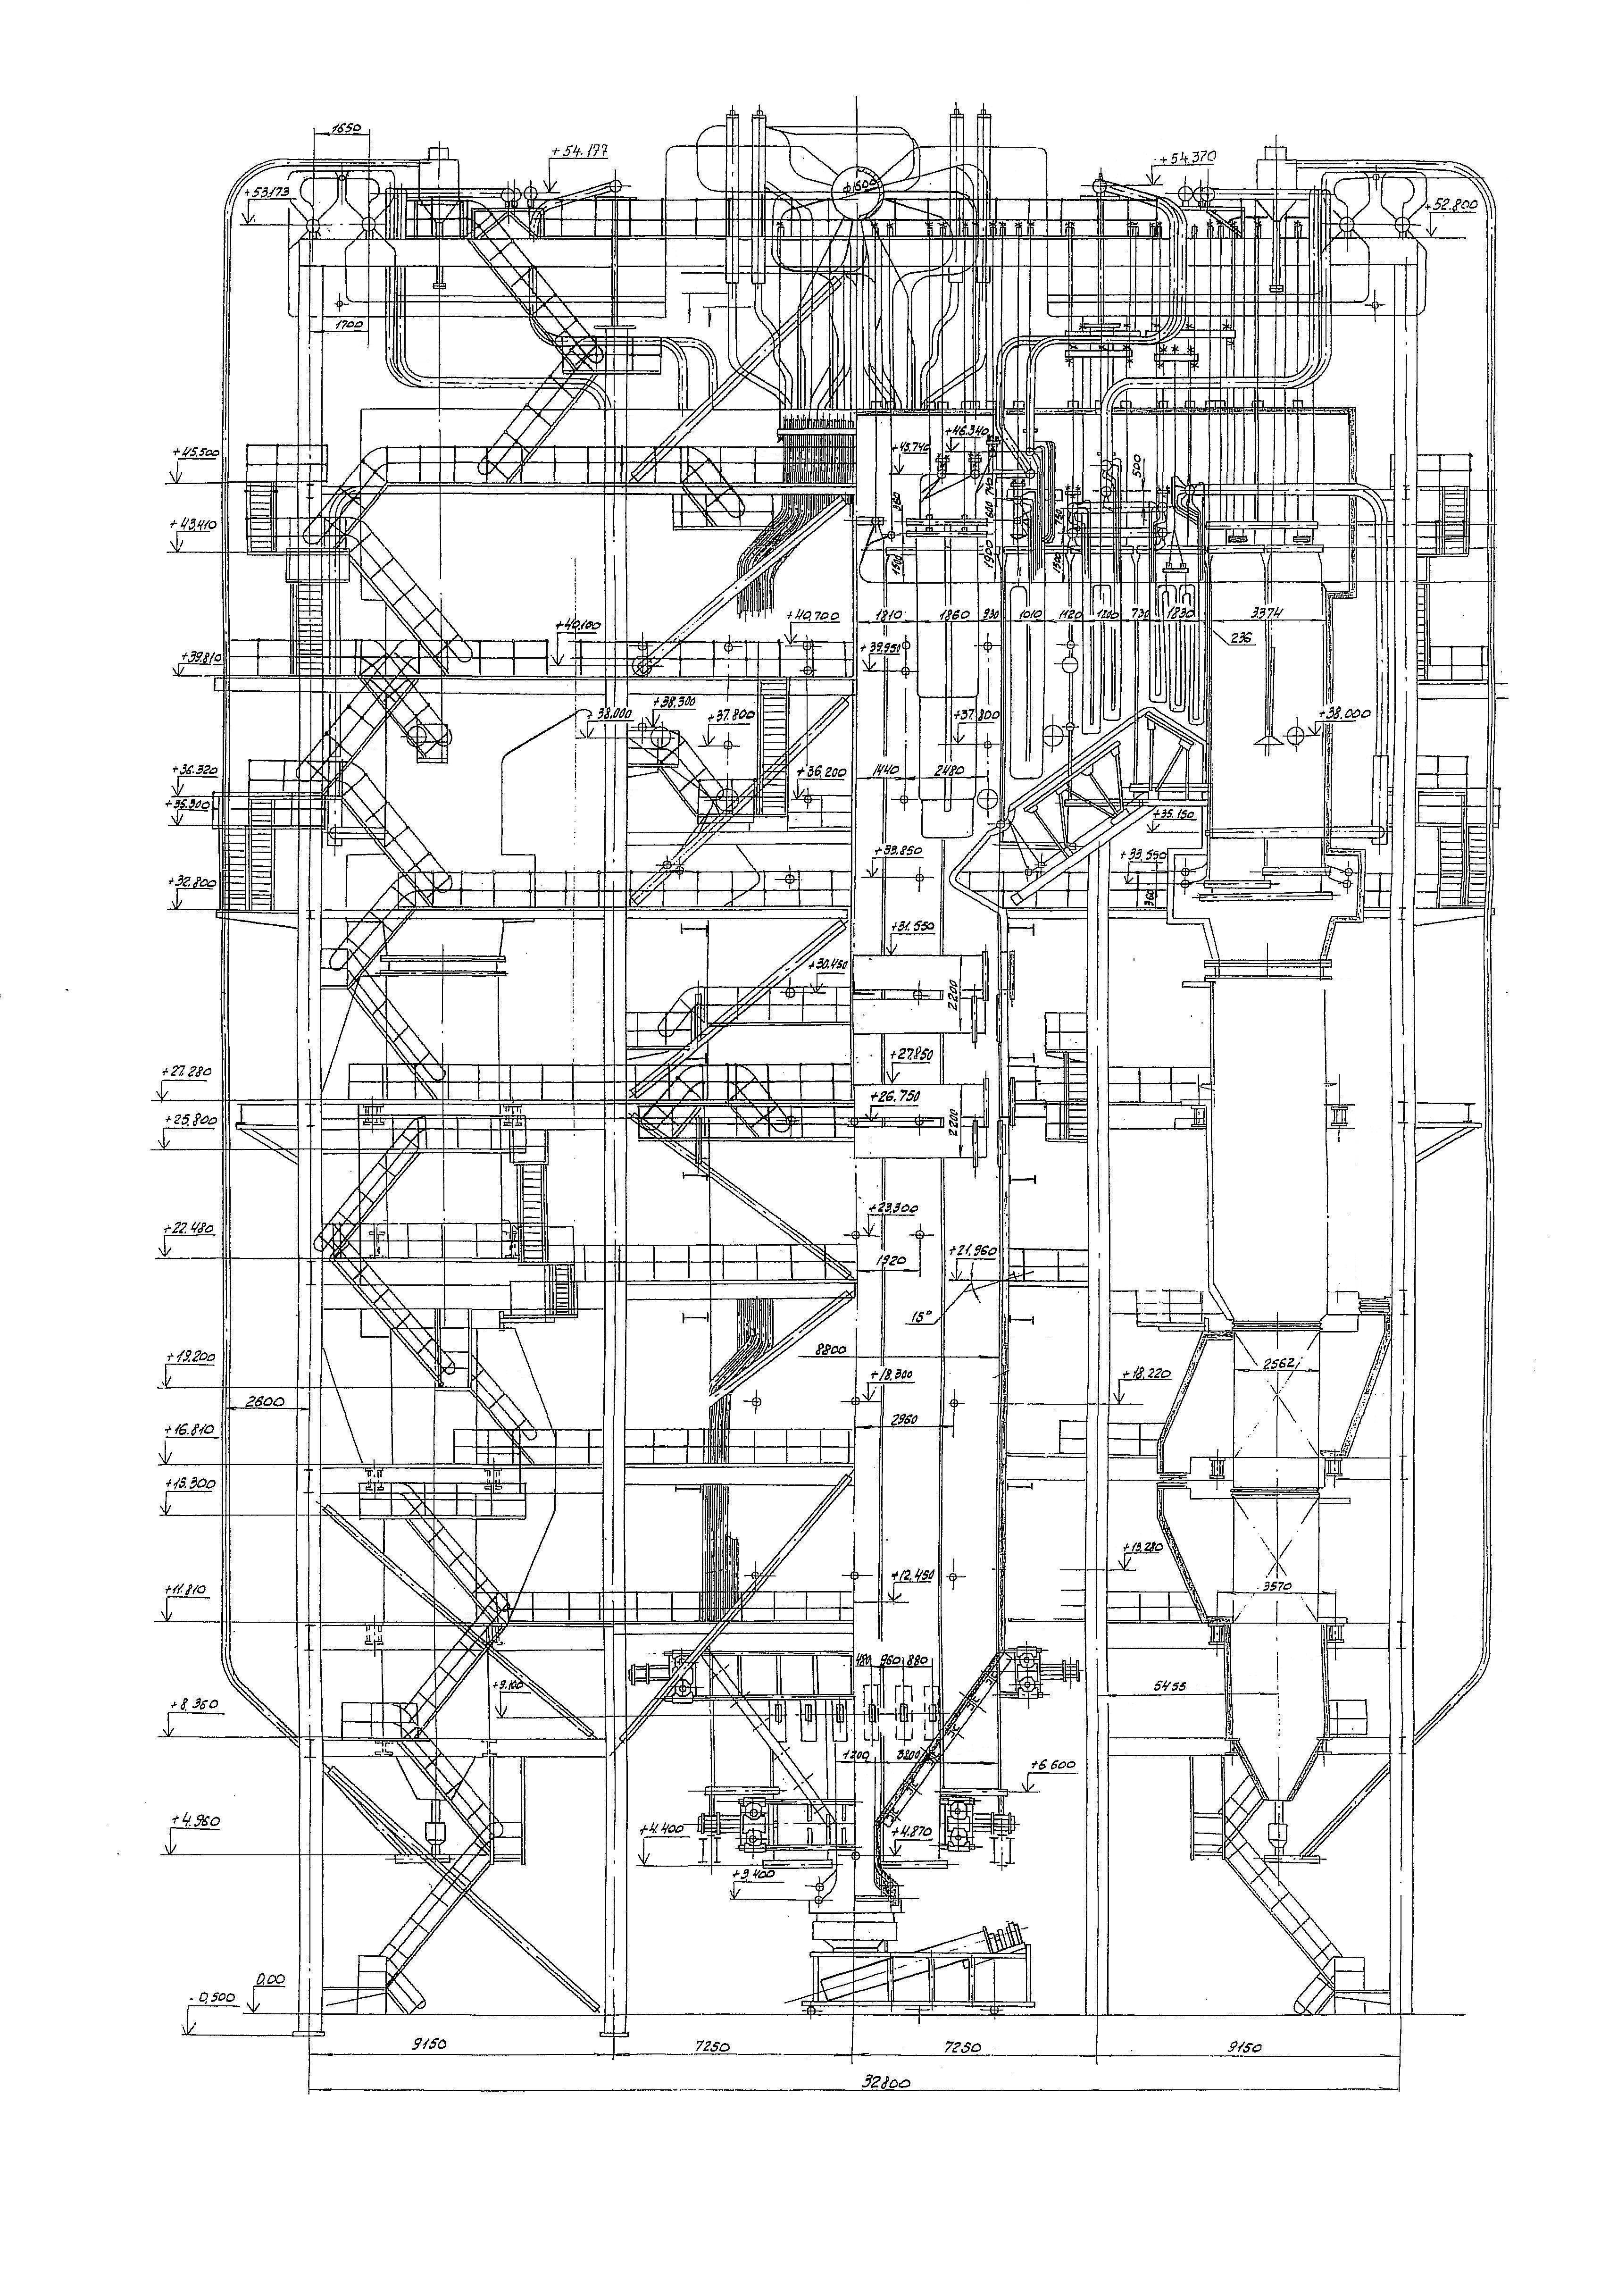 Чертежи и схемы парового котла в разрезе в трех проекциях